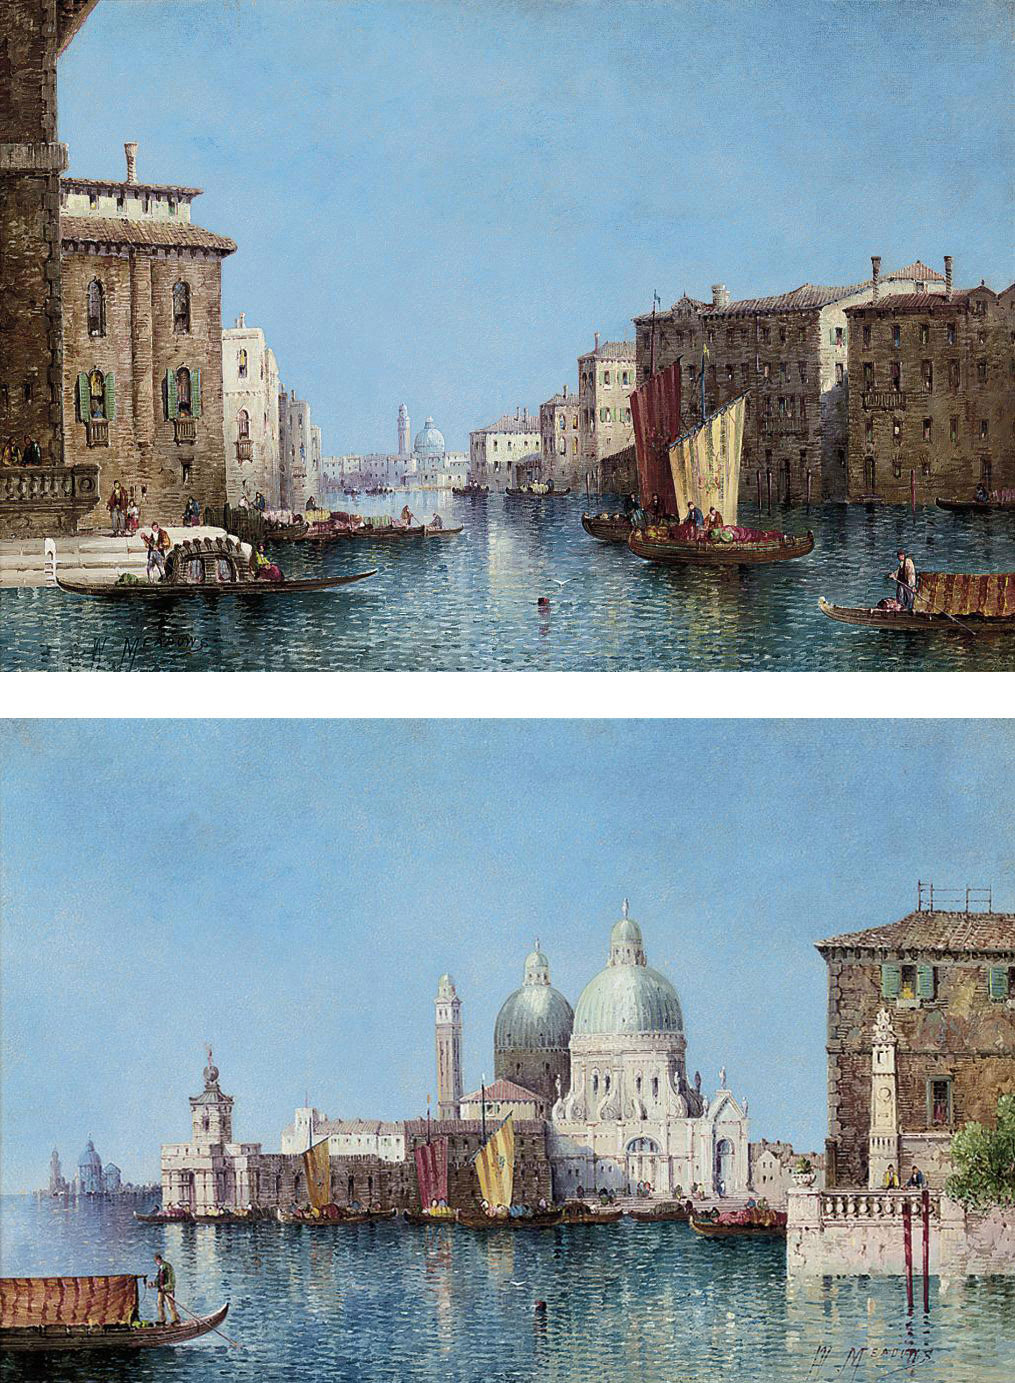 Santa Maria della Salute from the Bacino; and The Grand Canal, Venice